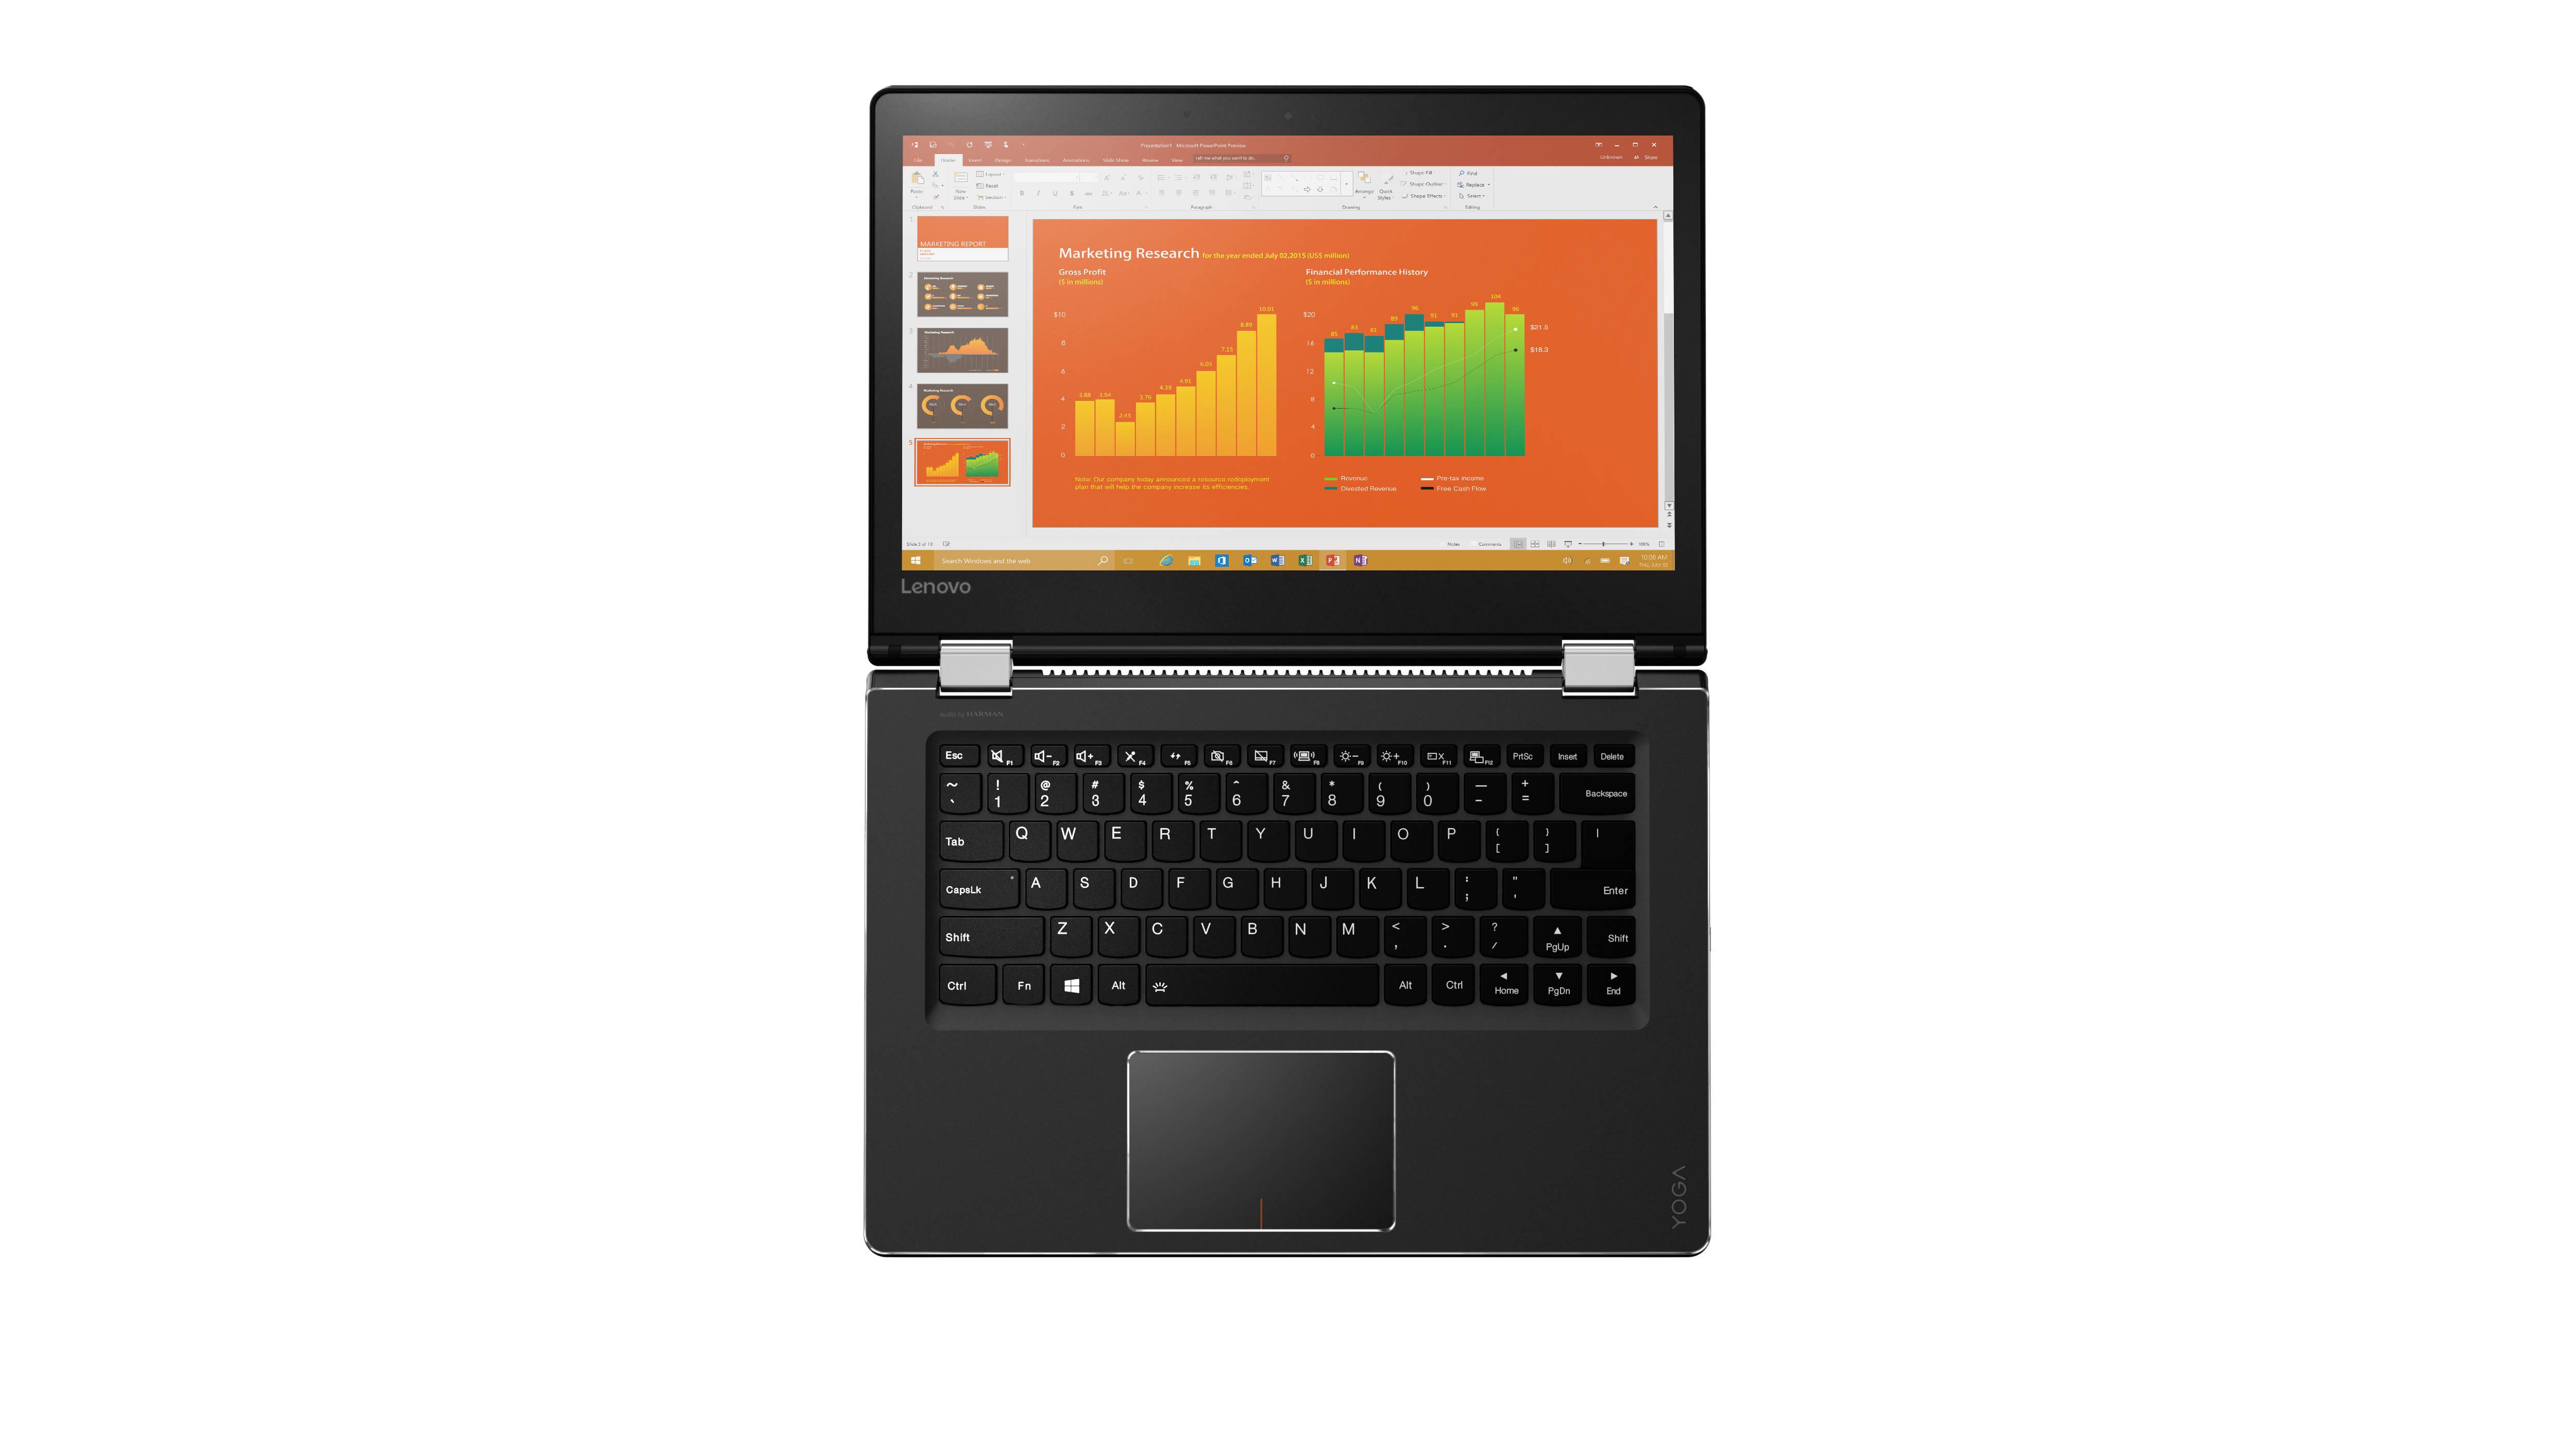 """IP Yoga 510 14""""FHD/I7-6500U/8G/256SSD/AMD/W10"""